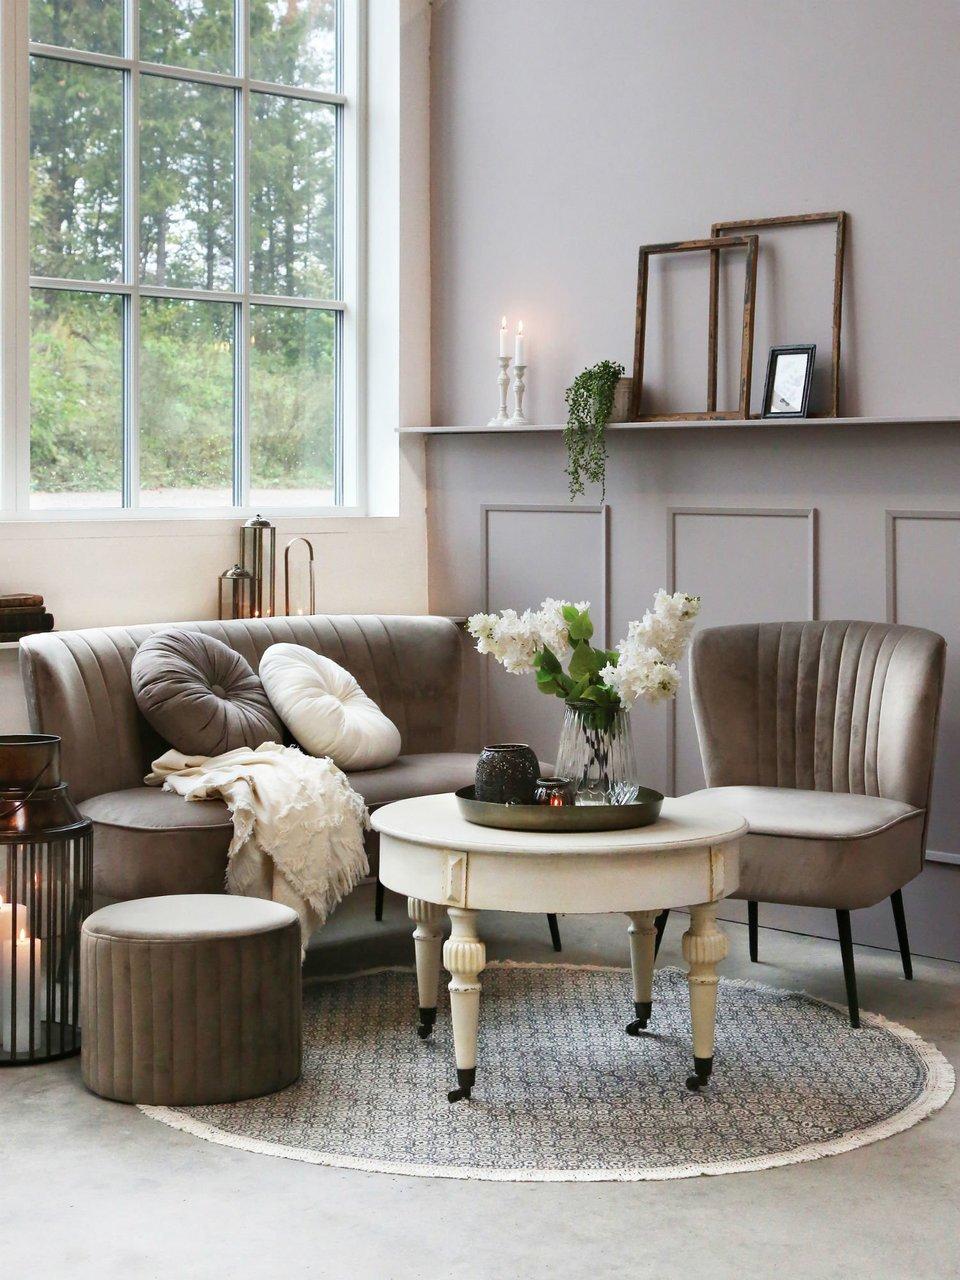 Gemütliche Couch Ecke von Chic Antique